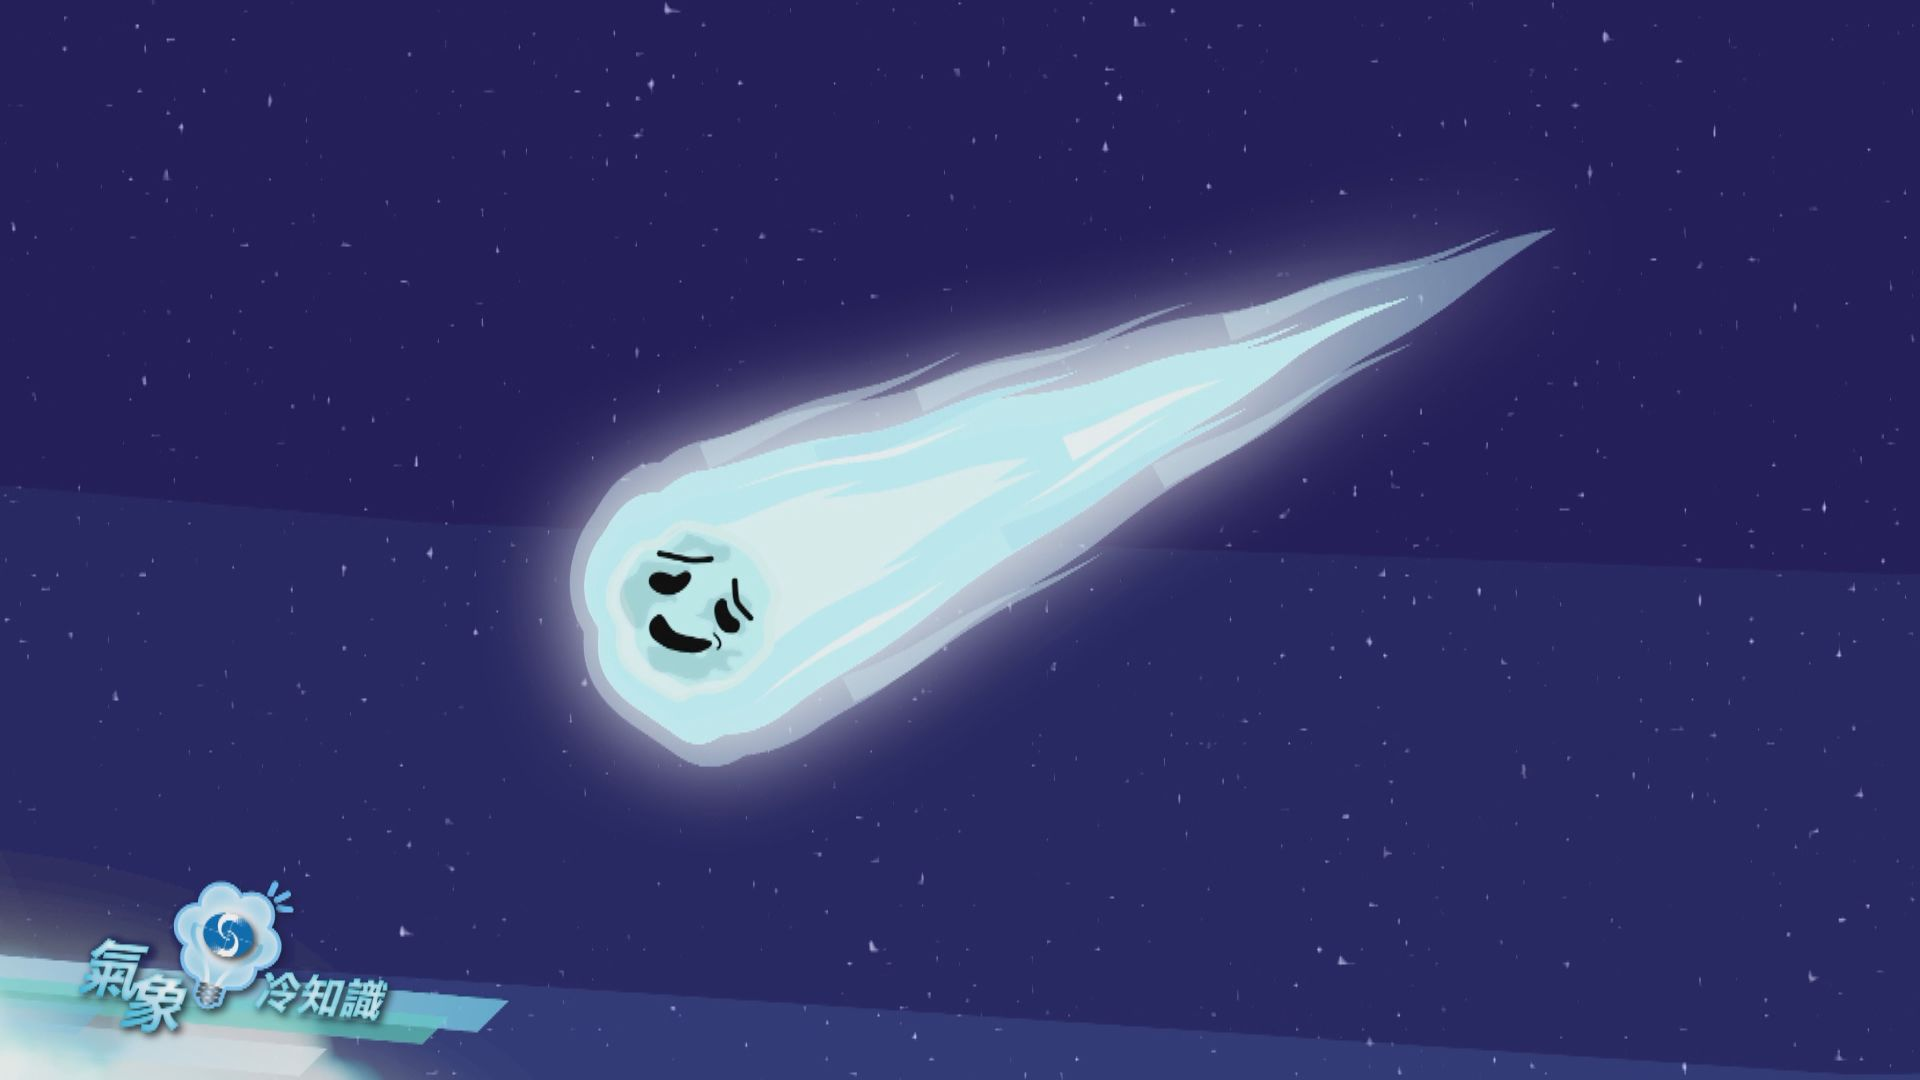 【氣象冷知識】流星、彗星 傻傻分不清